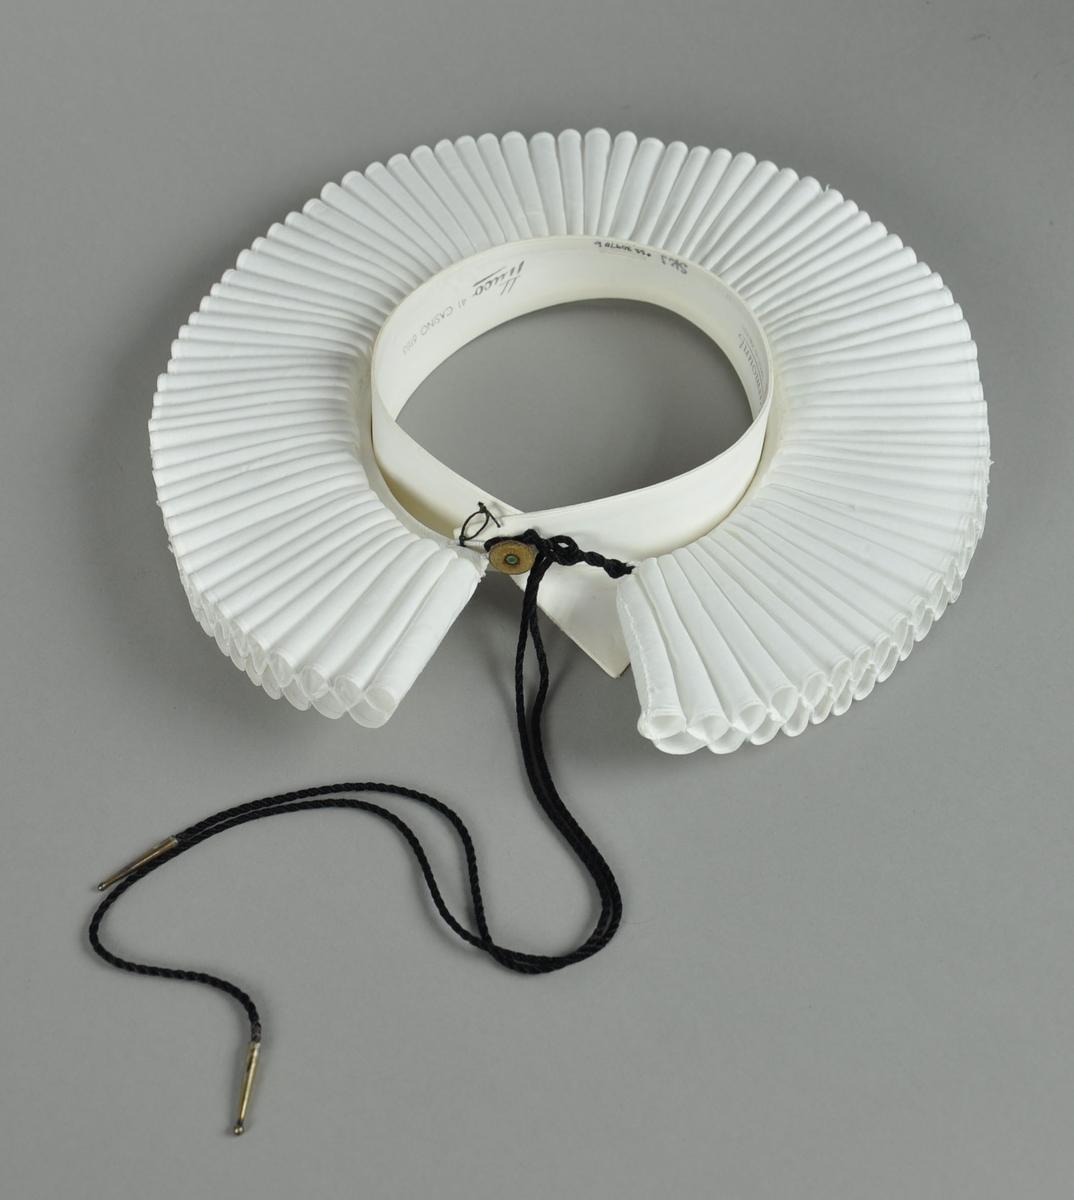 Hvit prestekrage av bomull. Kragen har 2 x 89 piper, 6,5 cm lange. Pipene et sammenfoldet bendelbånd med to hemper og svart messingtupper. Sammen med kragen hører en snipp, også hvit.